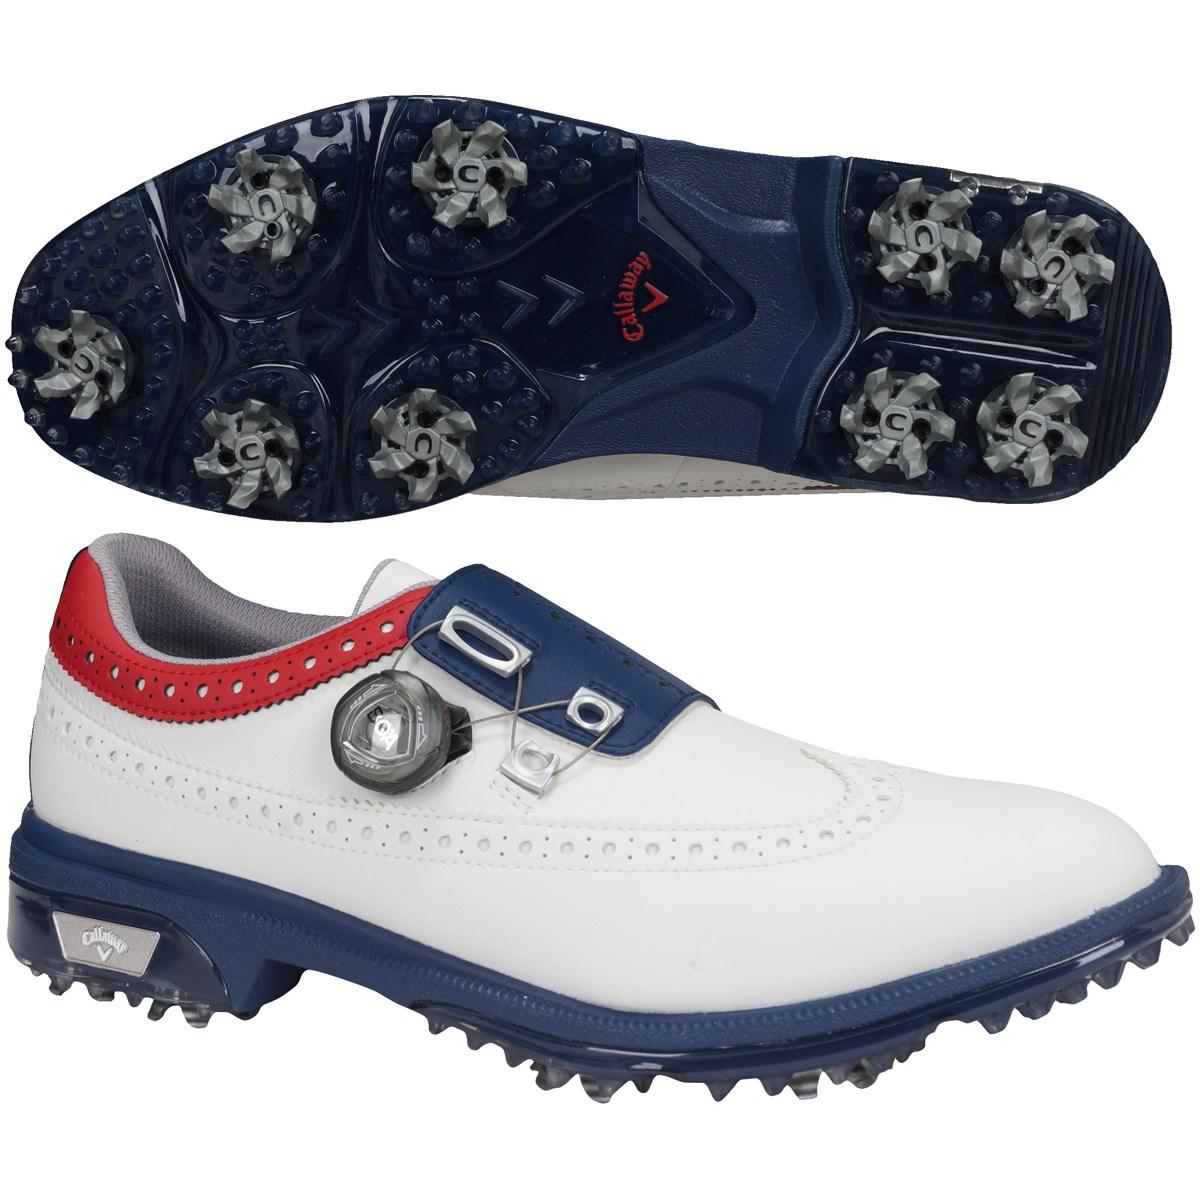 キャロウェイゴルフ(Callaway Golf) TOURPRECISION BOA 18  ゴルフシューズ